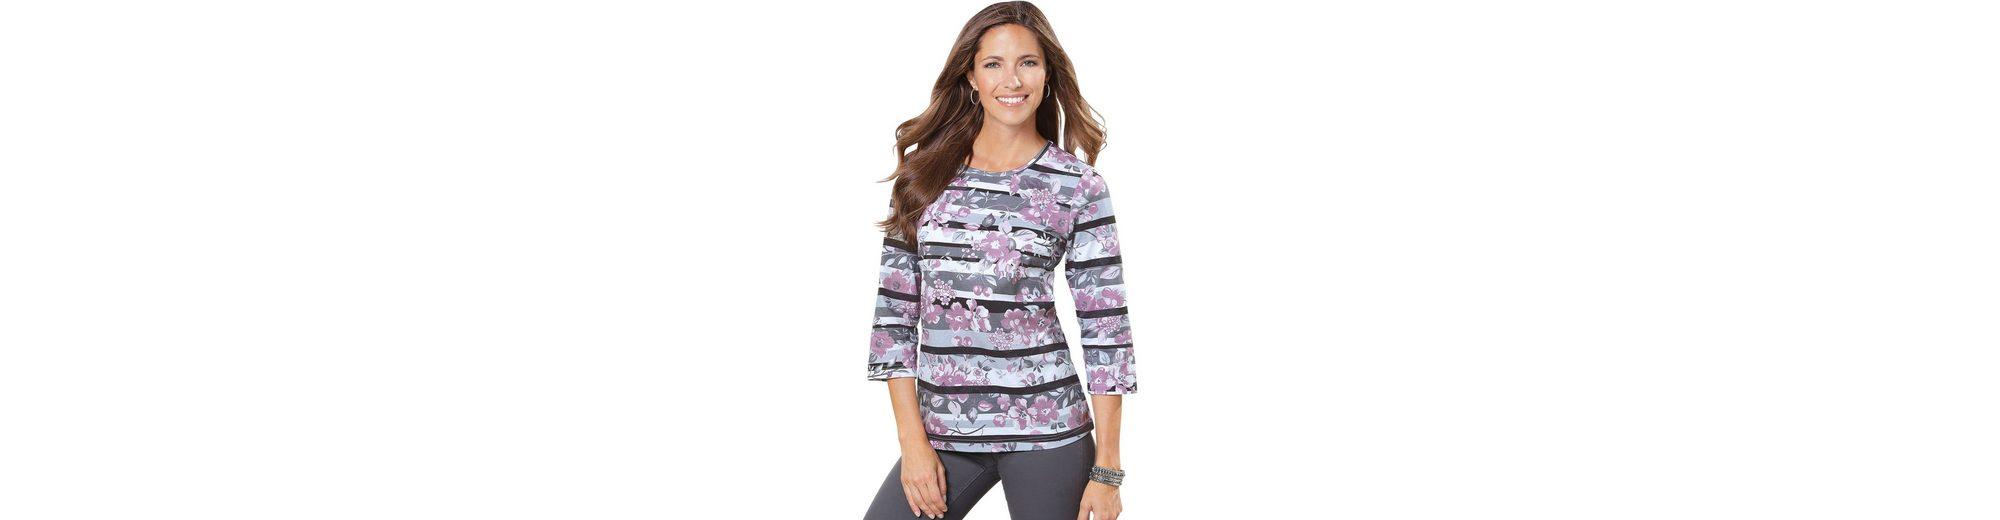 Classic Basics Shirt im Streifen- und Blütendessin Billig Verkauf Fabrikverkauf Auslass 6yD3XXbz8